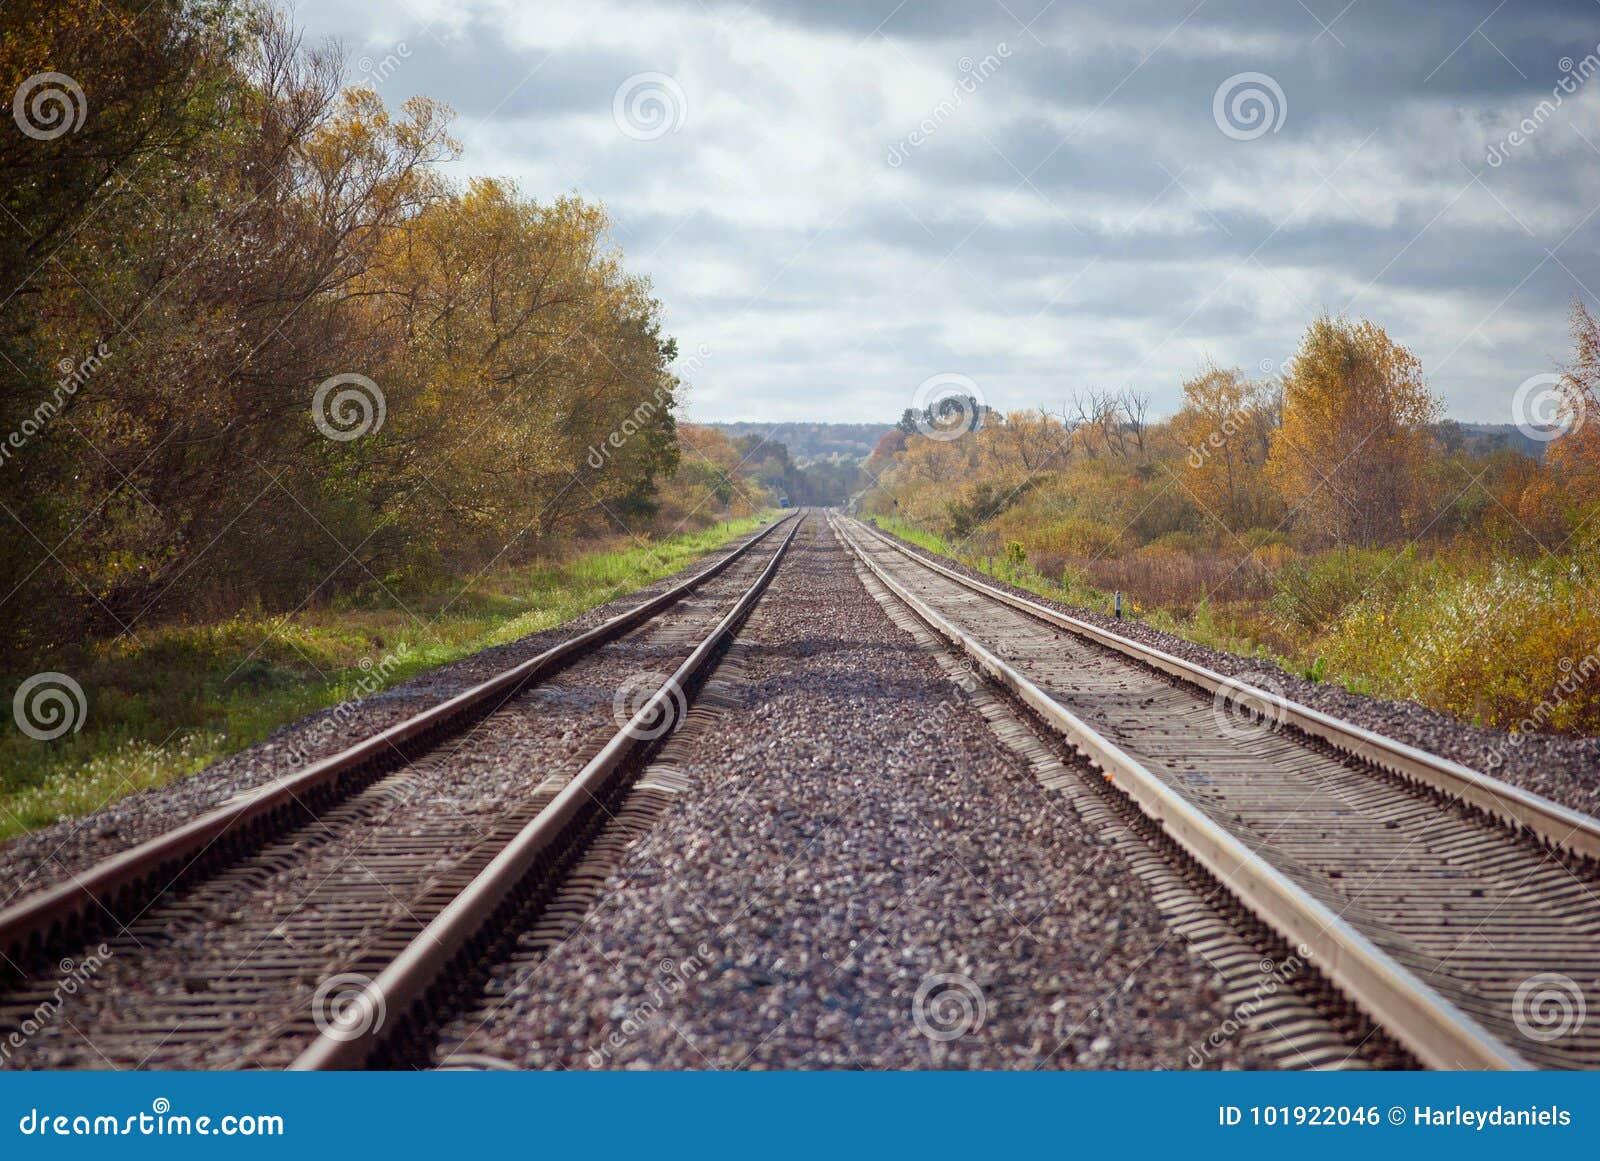 Διαδρομή σιδηροδρόμου, οριζόντιος πυροβολισμός